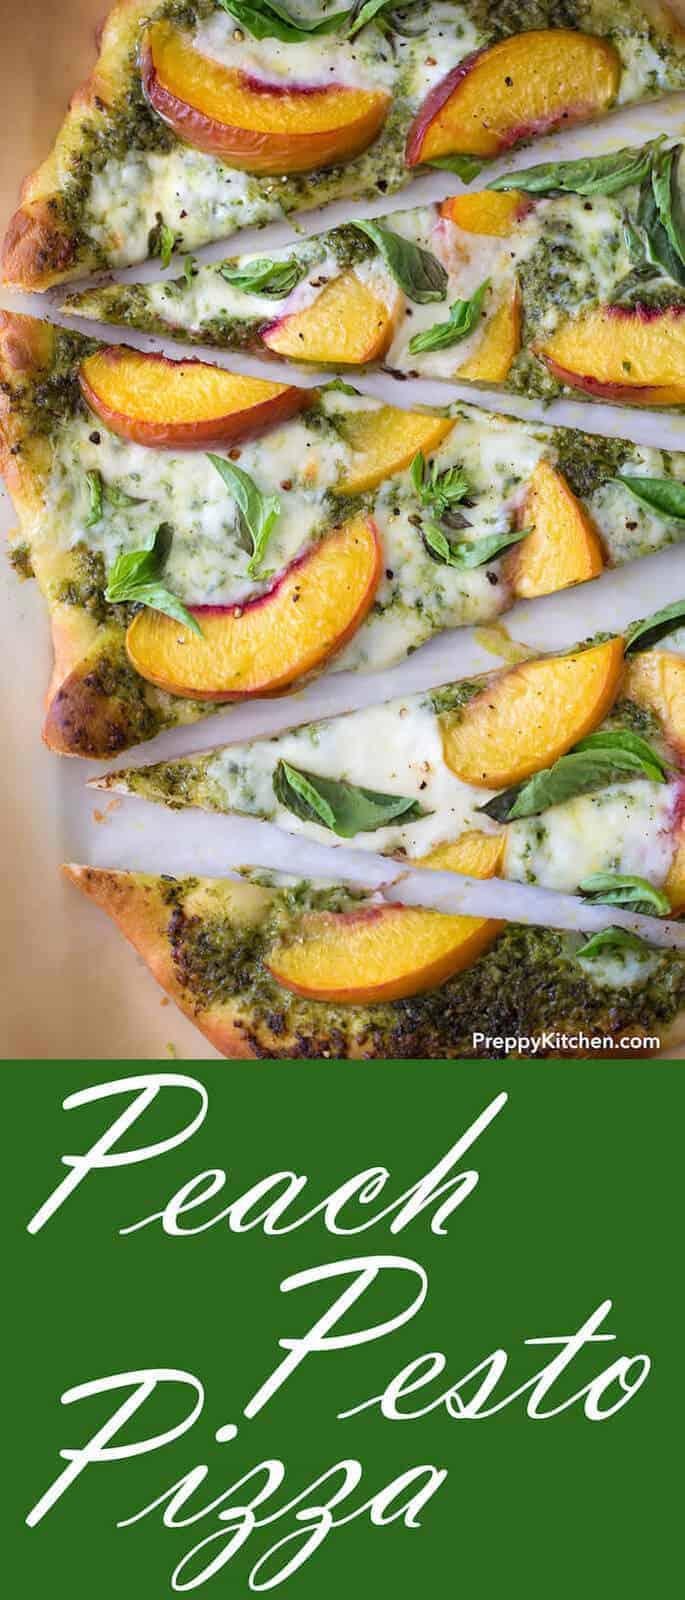 peach pesto pizza